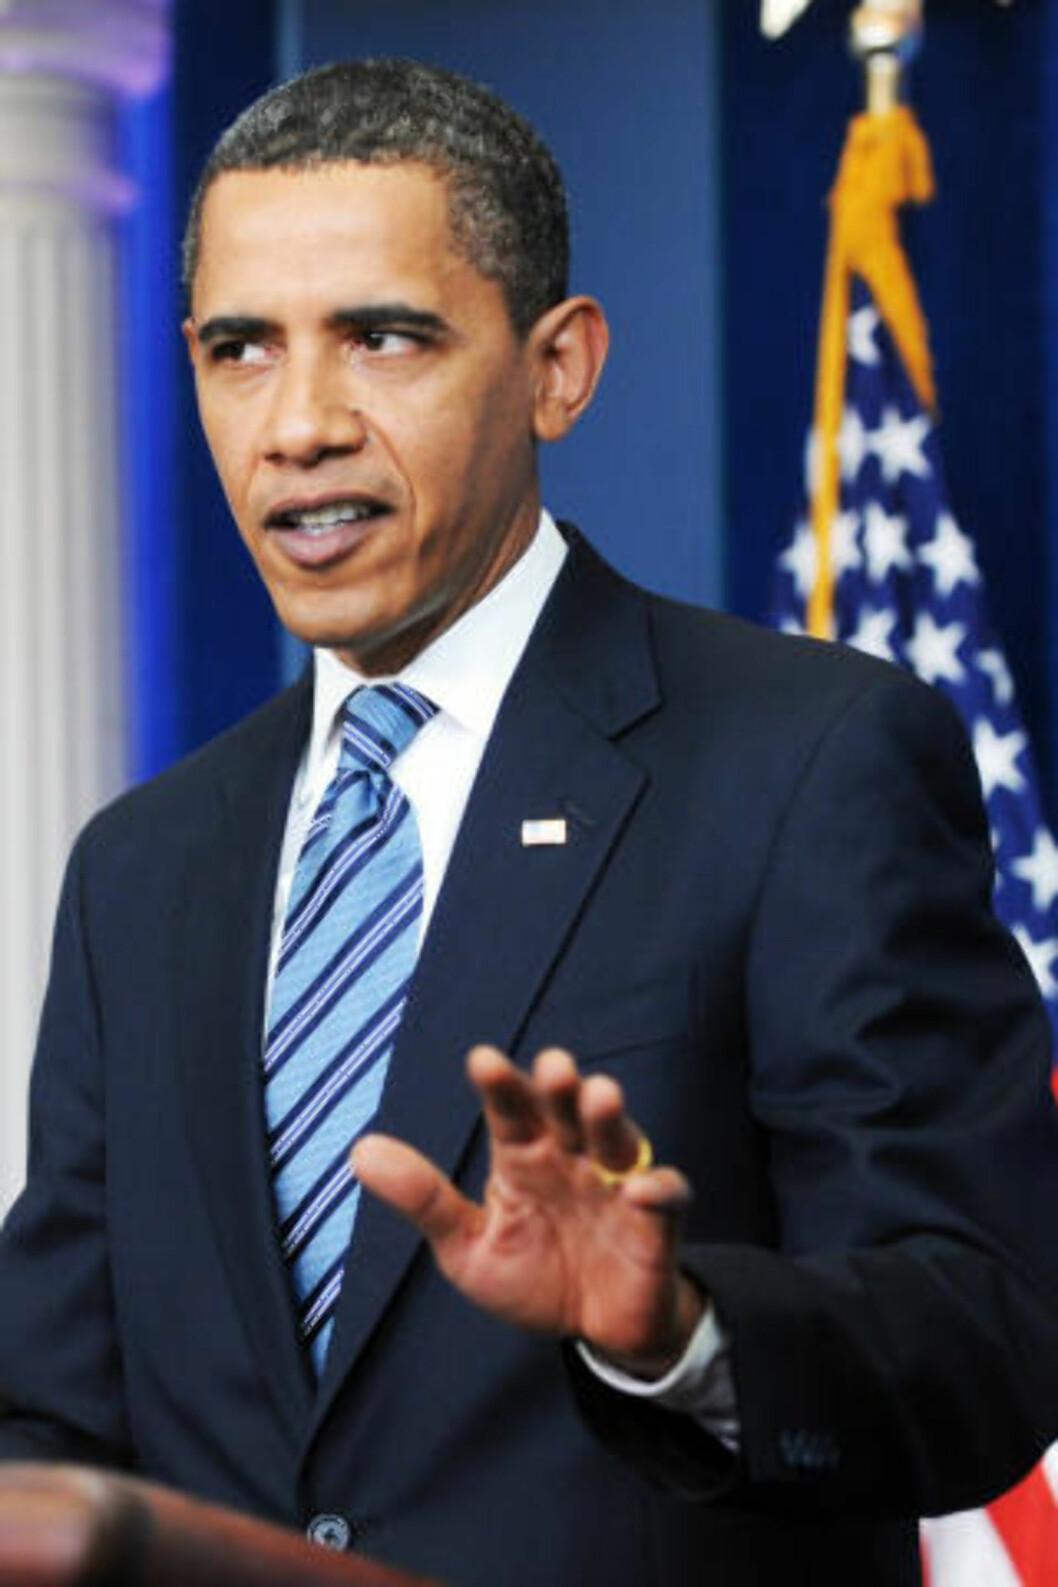 <strong>FIKK KRITIKK:</strong> President Obama har fått kritikk for å uttale seg bastant i sin venn «Skip» Gates' favør. Nå har han invitert sin professorvenn og ansvarshavende politibetjent James Crowley til Det hvite hus for å snakke ut om saken. Foto: MICHAEL REYNOLDS/EPA/SCANPIX